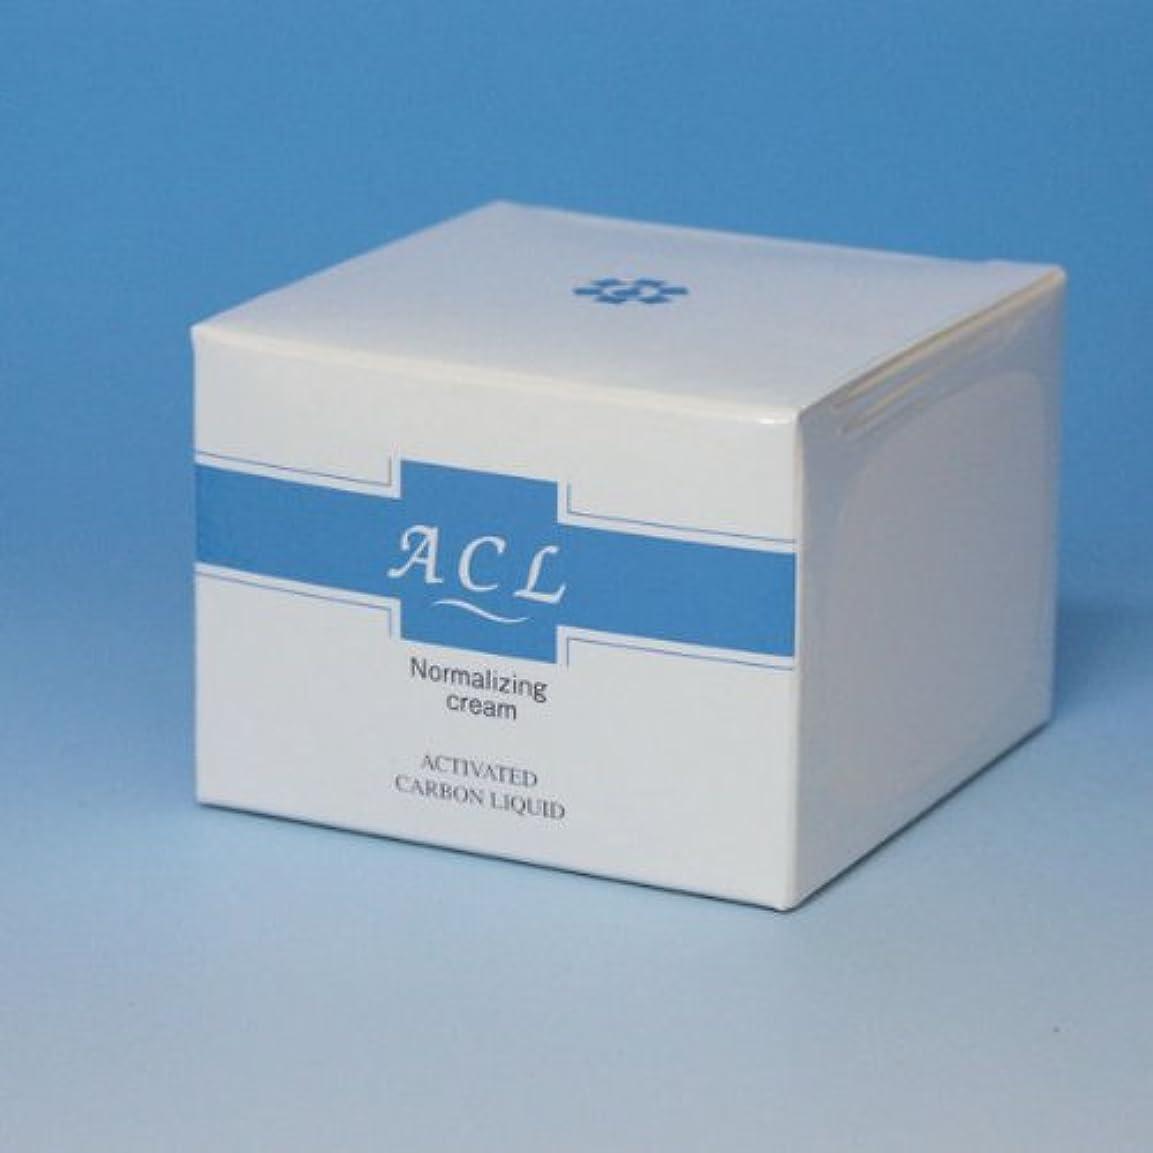 小屋推定するいつか【日邦薬品】ACLノーマライジングクリーム 30g